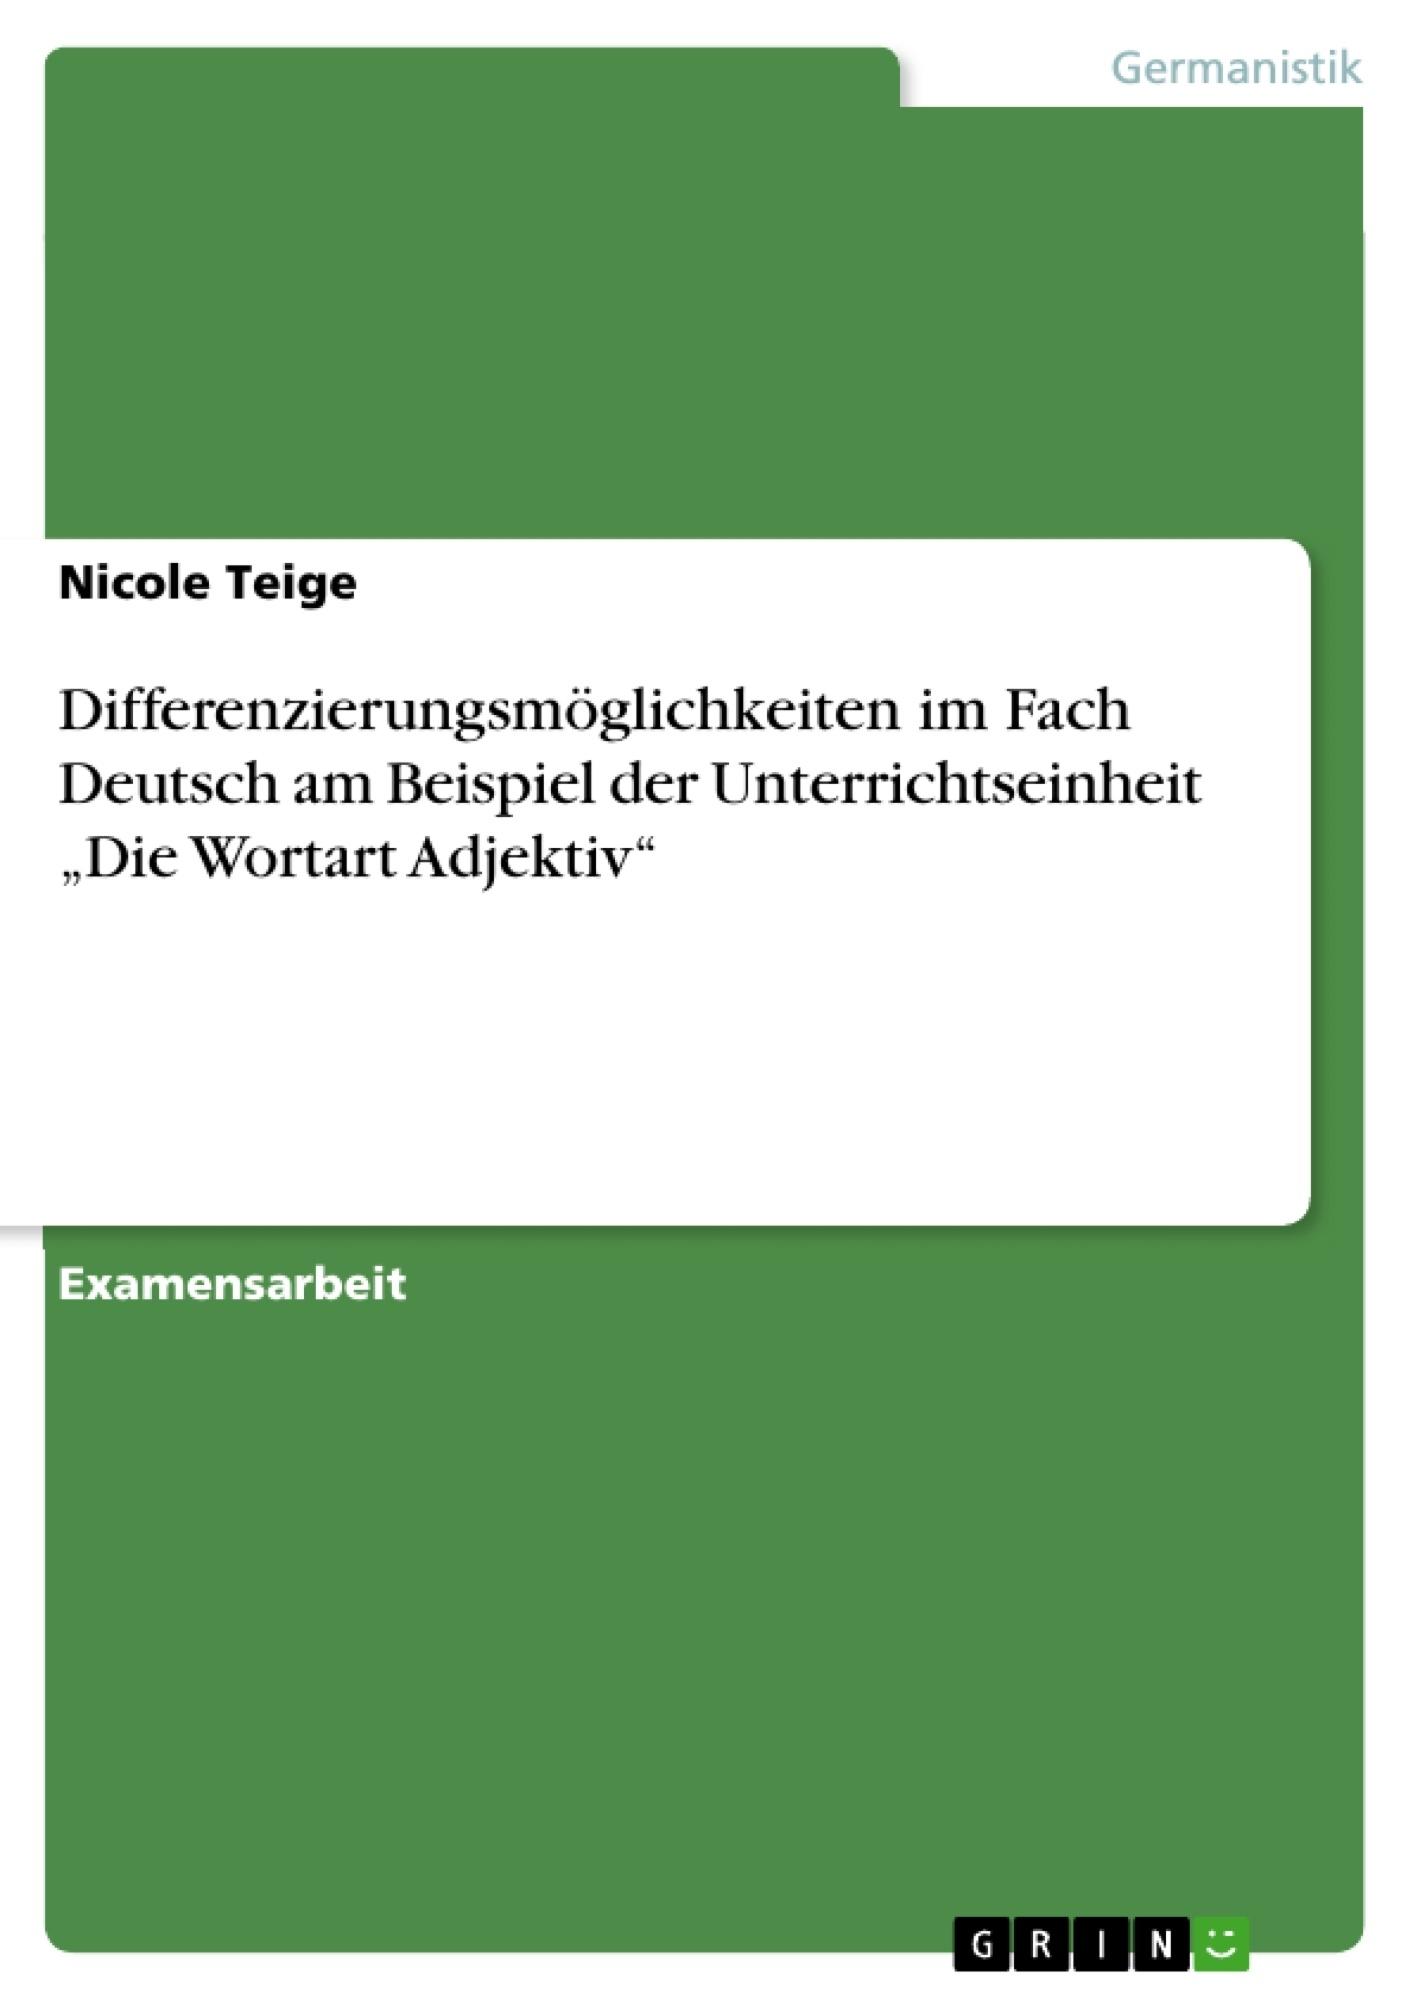 """Titel: Differenzierungsmöglichkeiten im Fach Deutsch am Beispiel der Unterrichtseinheit """"Die Wortart Adjektiv"""""""